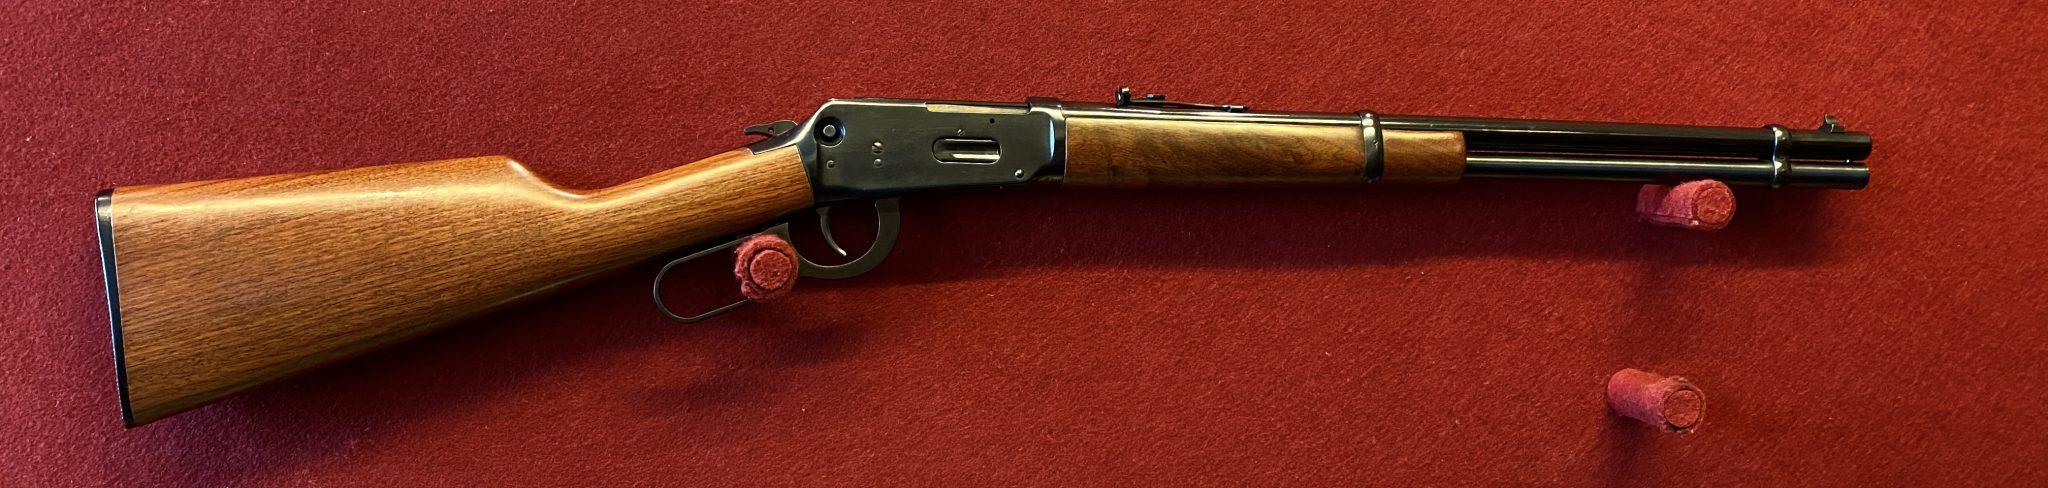 Winchester 94 357 Magnum